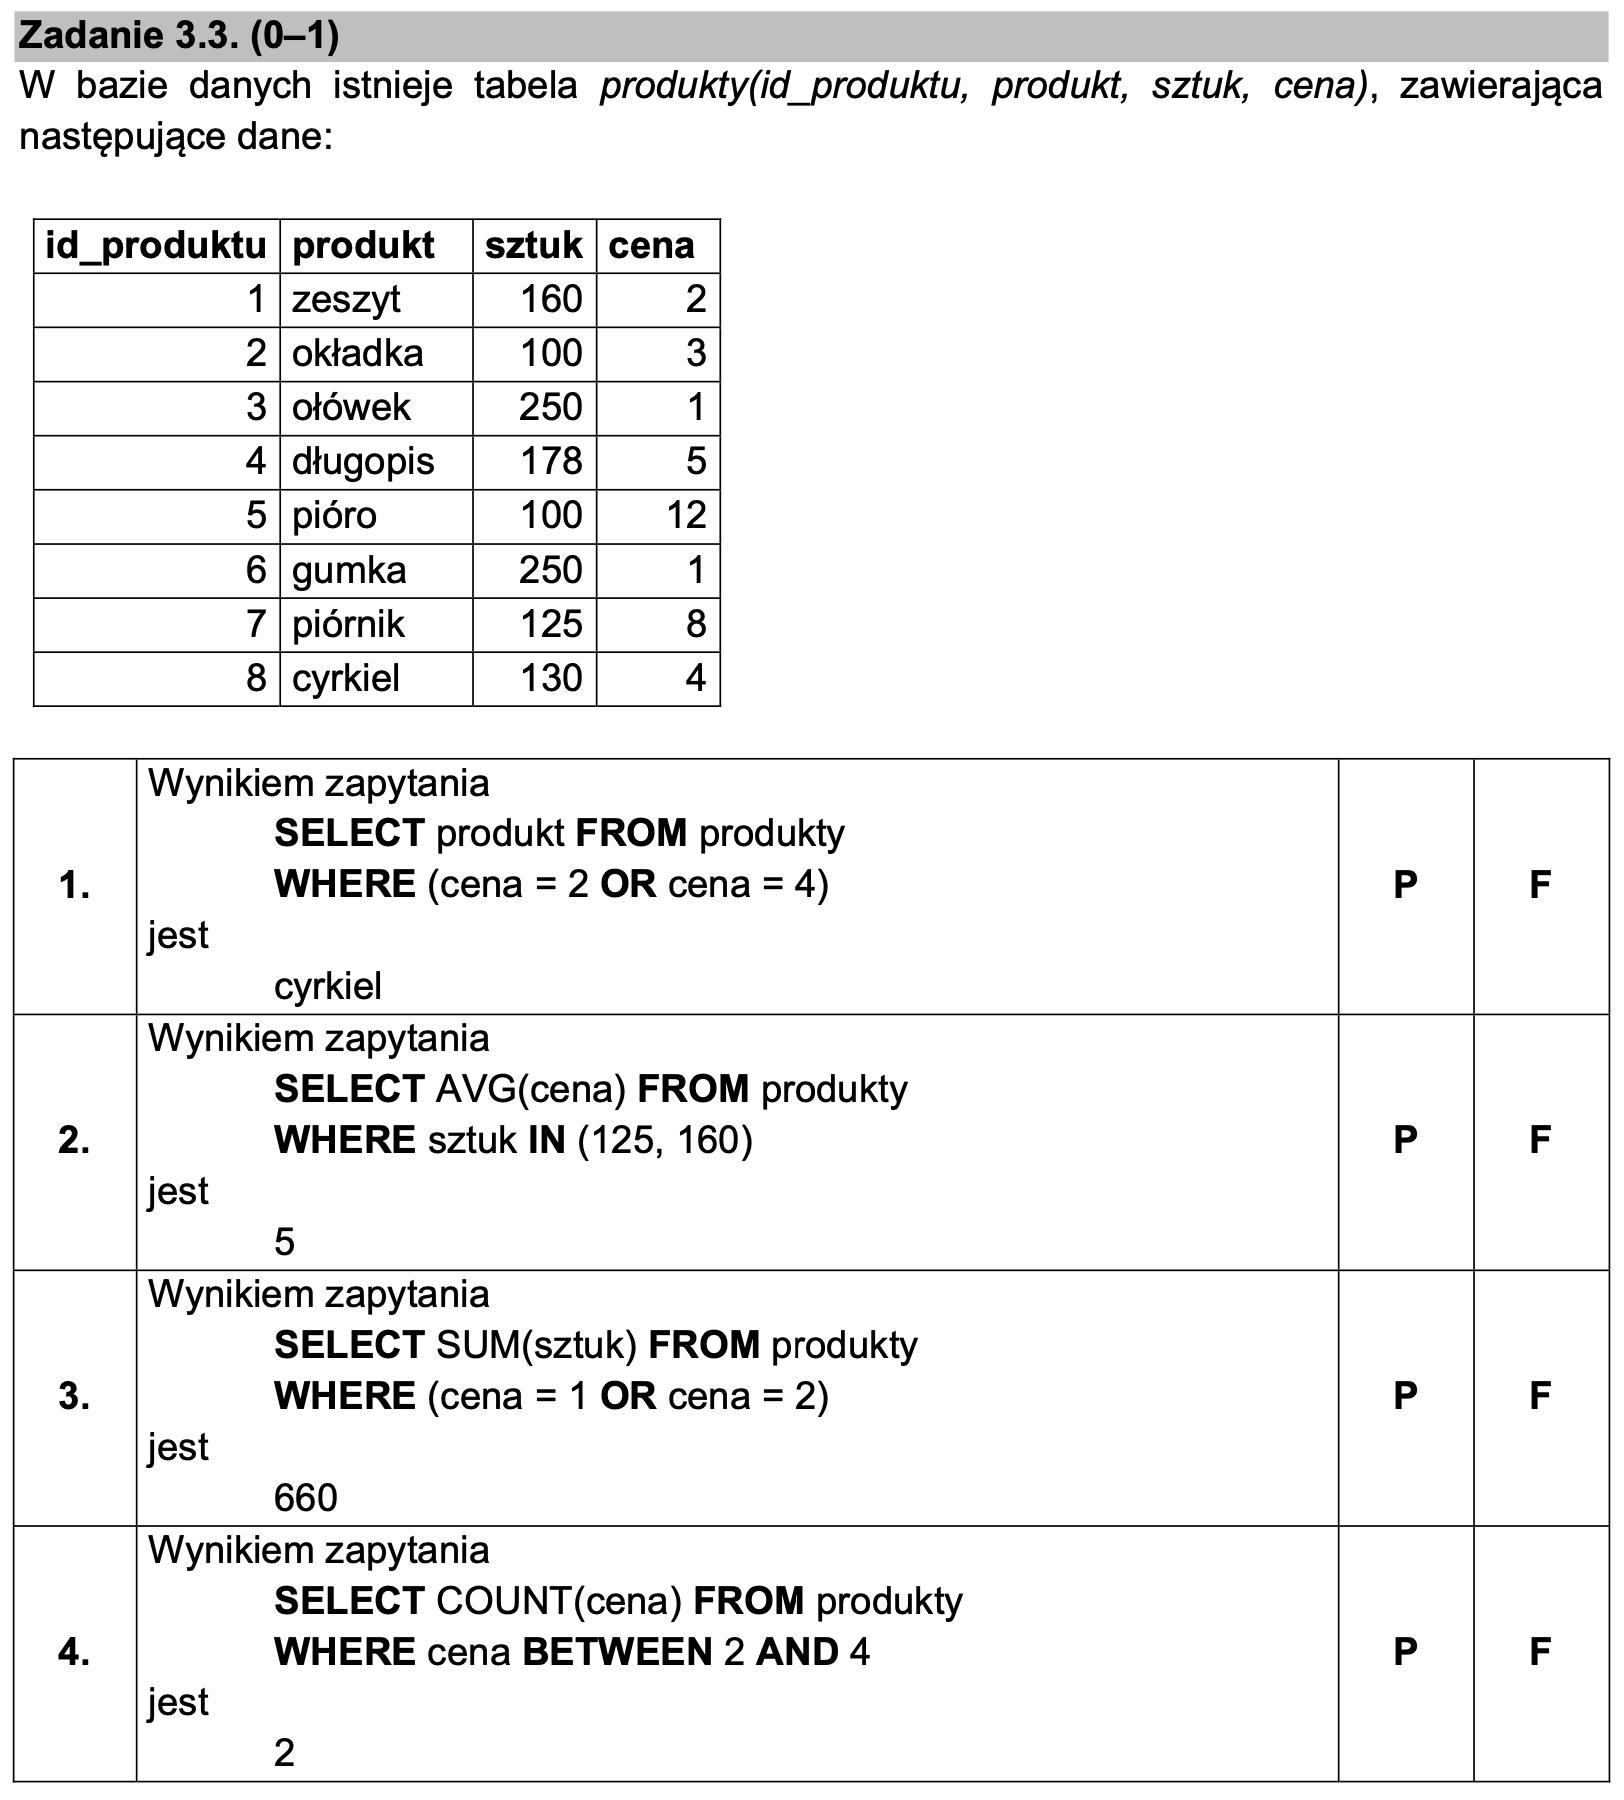 matura z informatyki 2021 zadanie 3.3